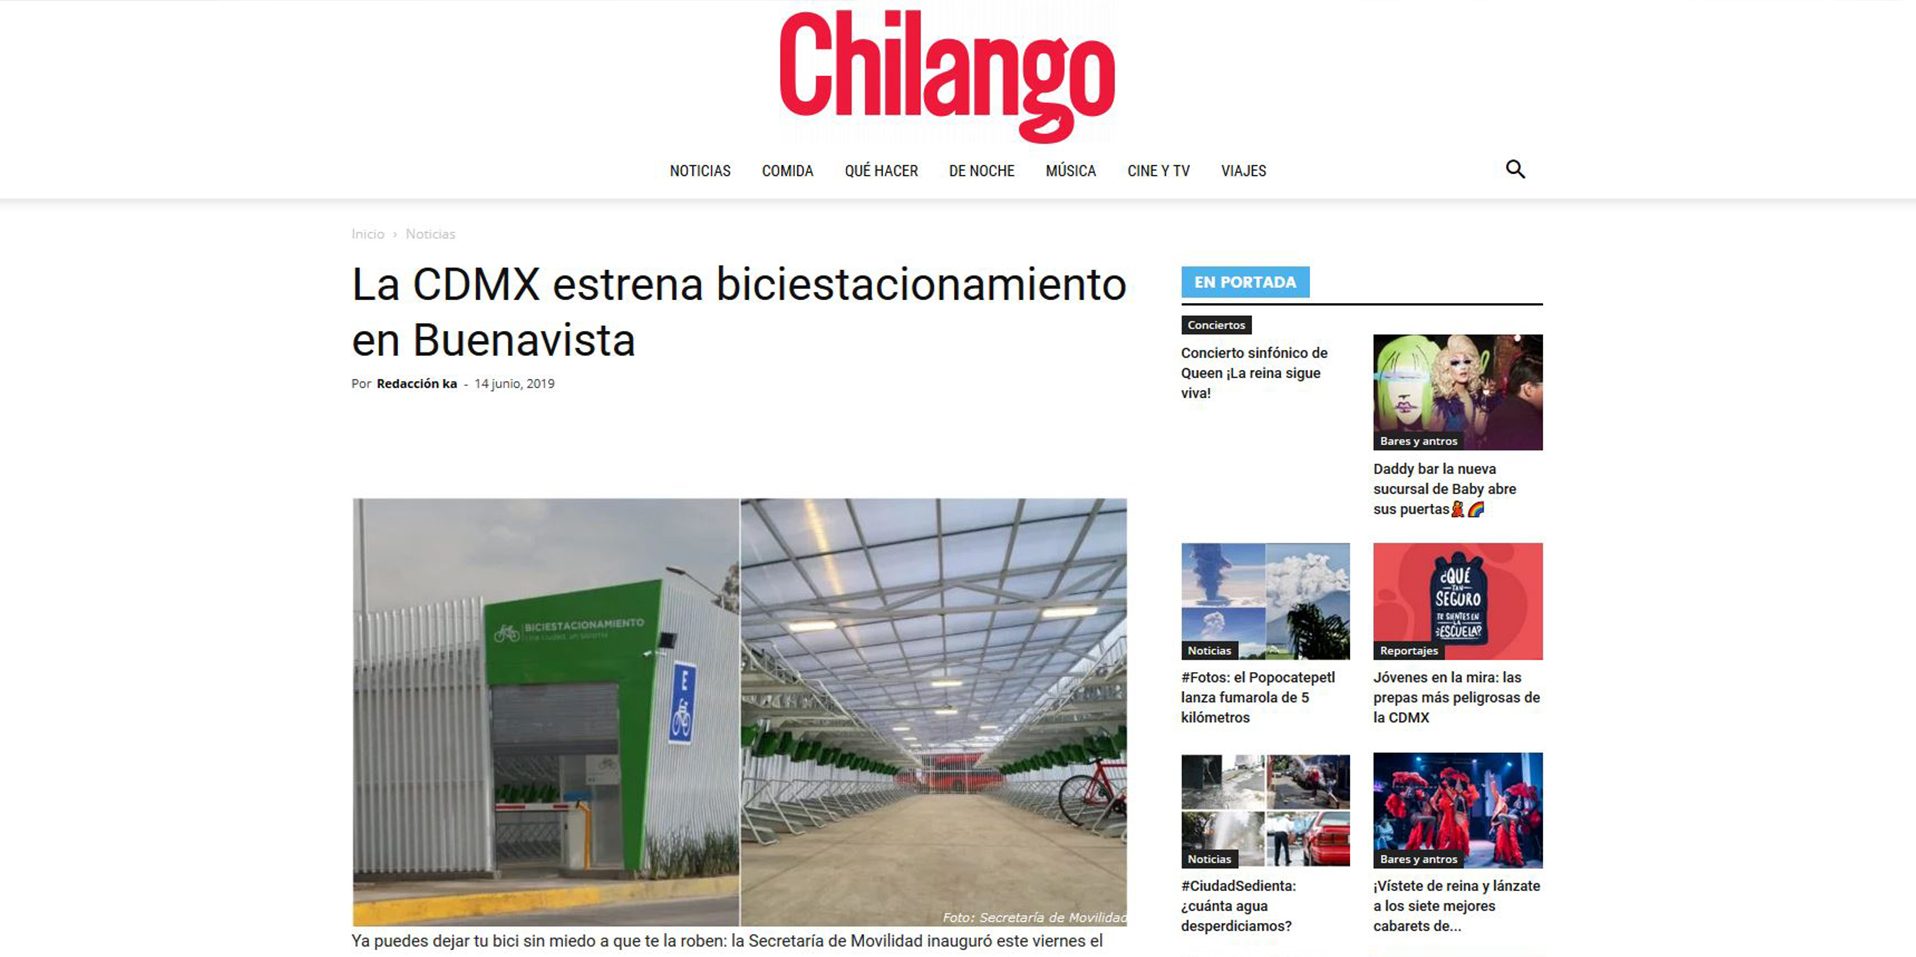 Chilango_La_CDMX_estrena_biciestaiconamiento